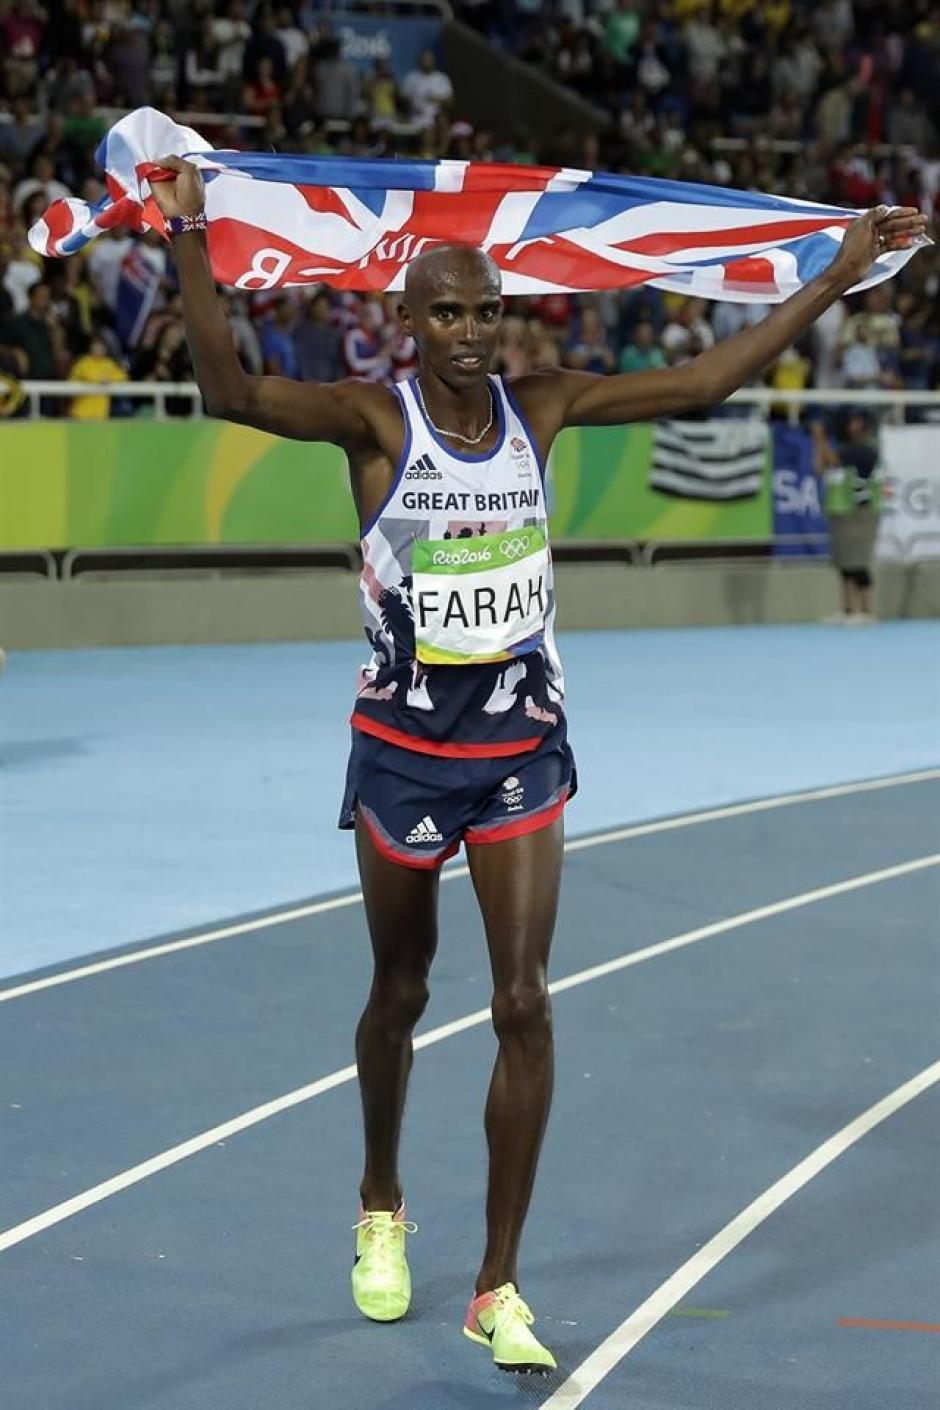 El británico volvió a ganar el oro y ya hace historia en el atletismo mundial. (Foto: EFE)